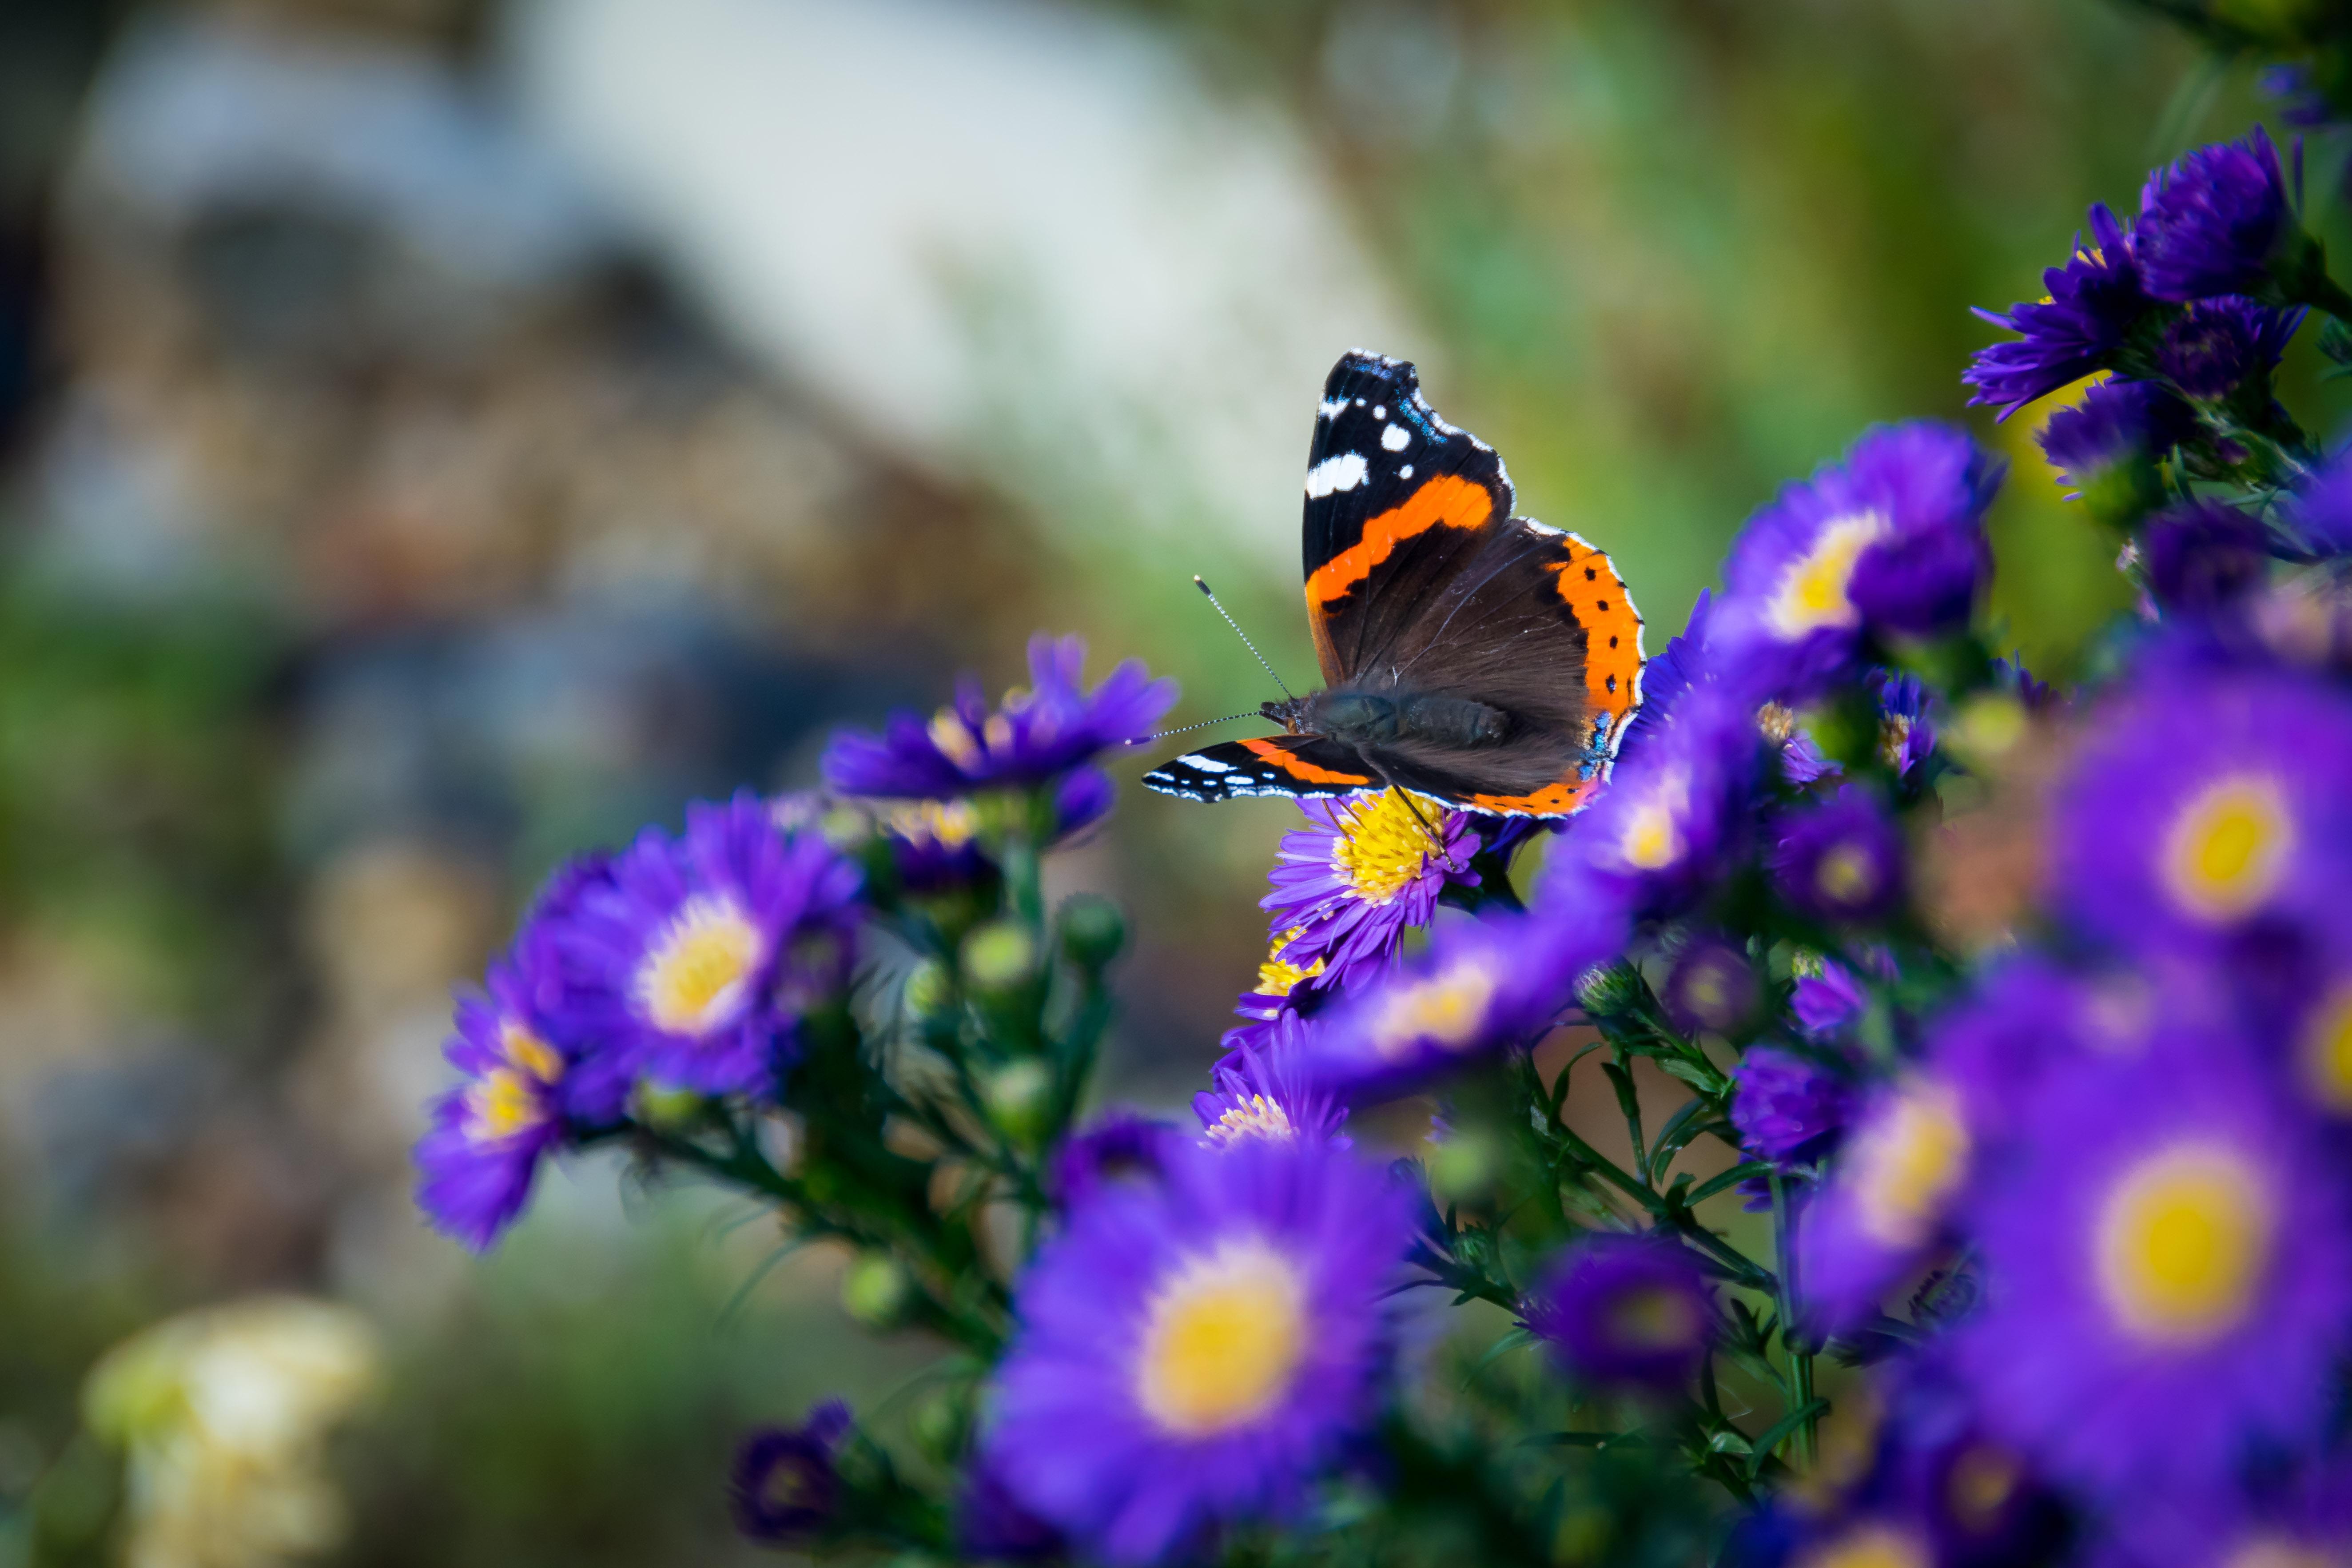 手機的120027屏保和壁紙昆虫。 免費下載 宏, 蝴蝶, 翅膀, 昆虫, 花卉 圖片